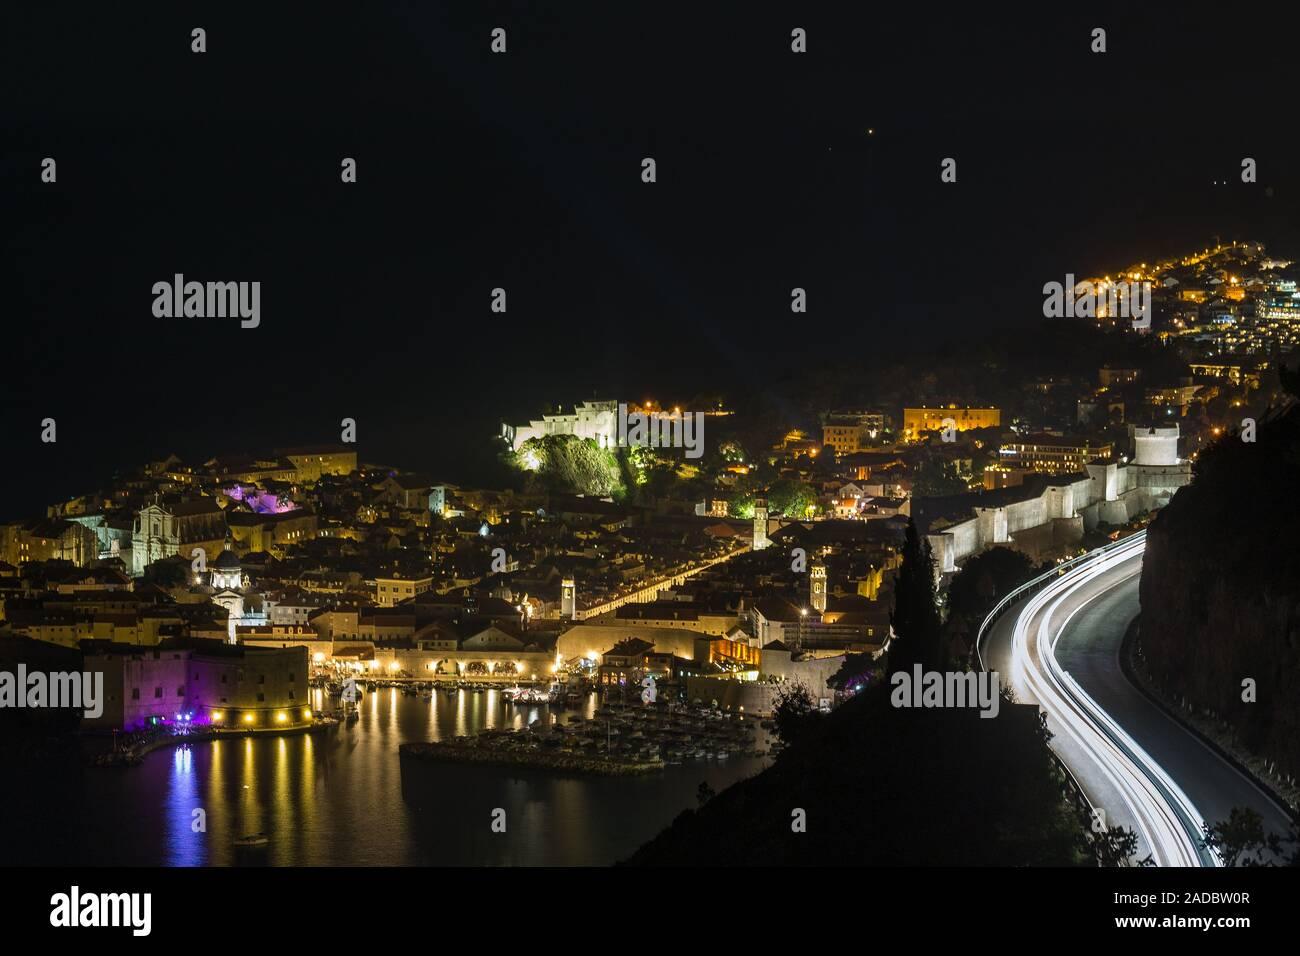 Vista desde arriba de la noche a viejas calles de Dubrovnik, en Croacia. Foto de stock